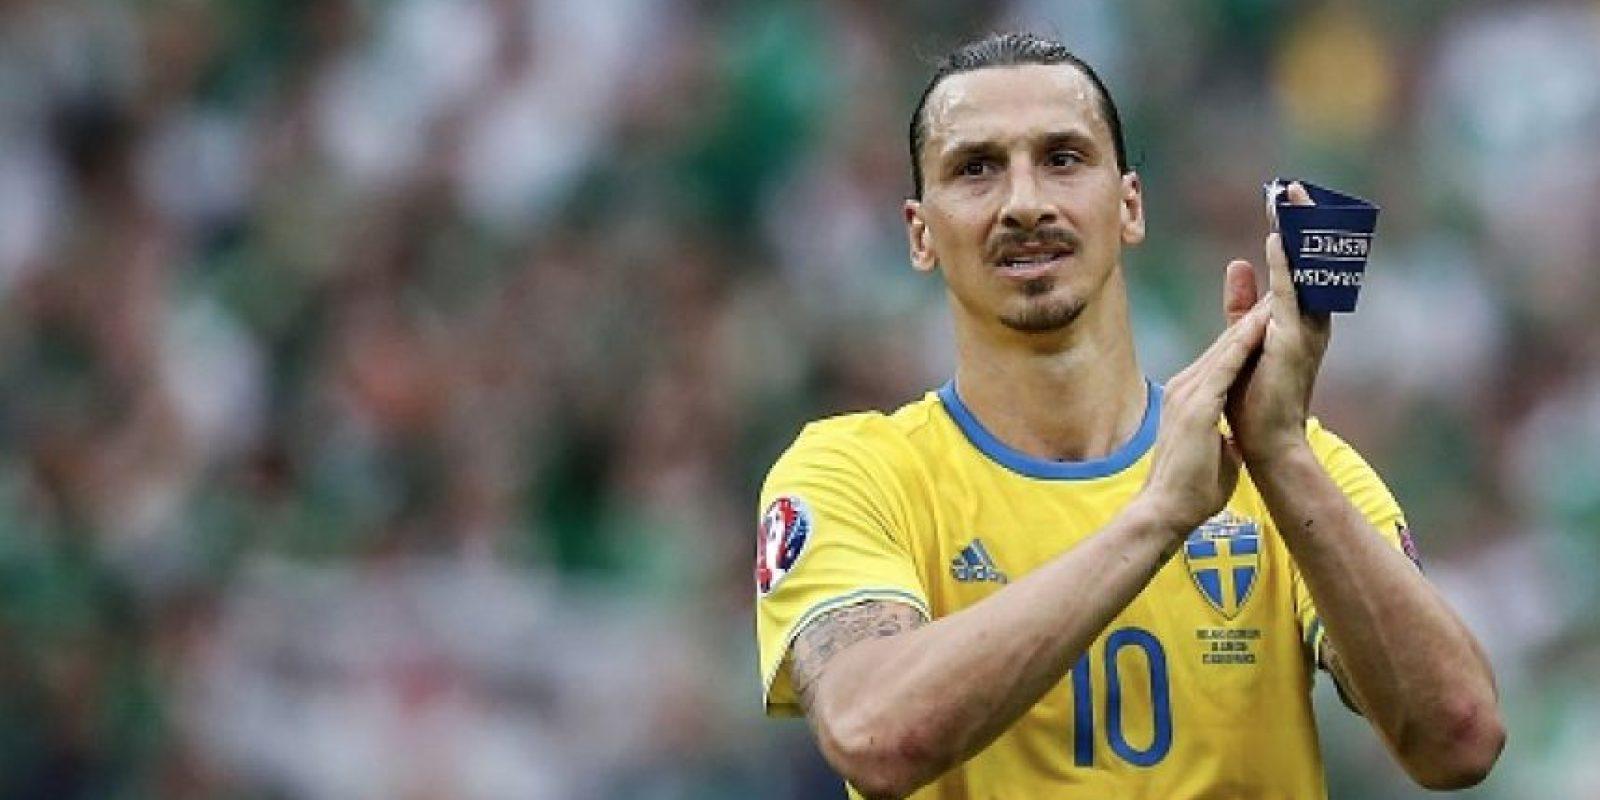 Zlatan Ibrahimovic hará exámenes médicos con Manchester United después de la Eurocopa Foto:Getty Images